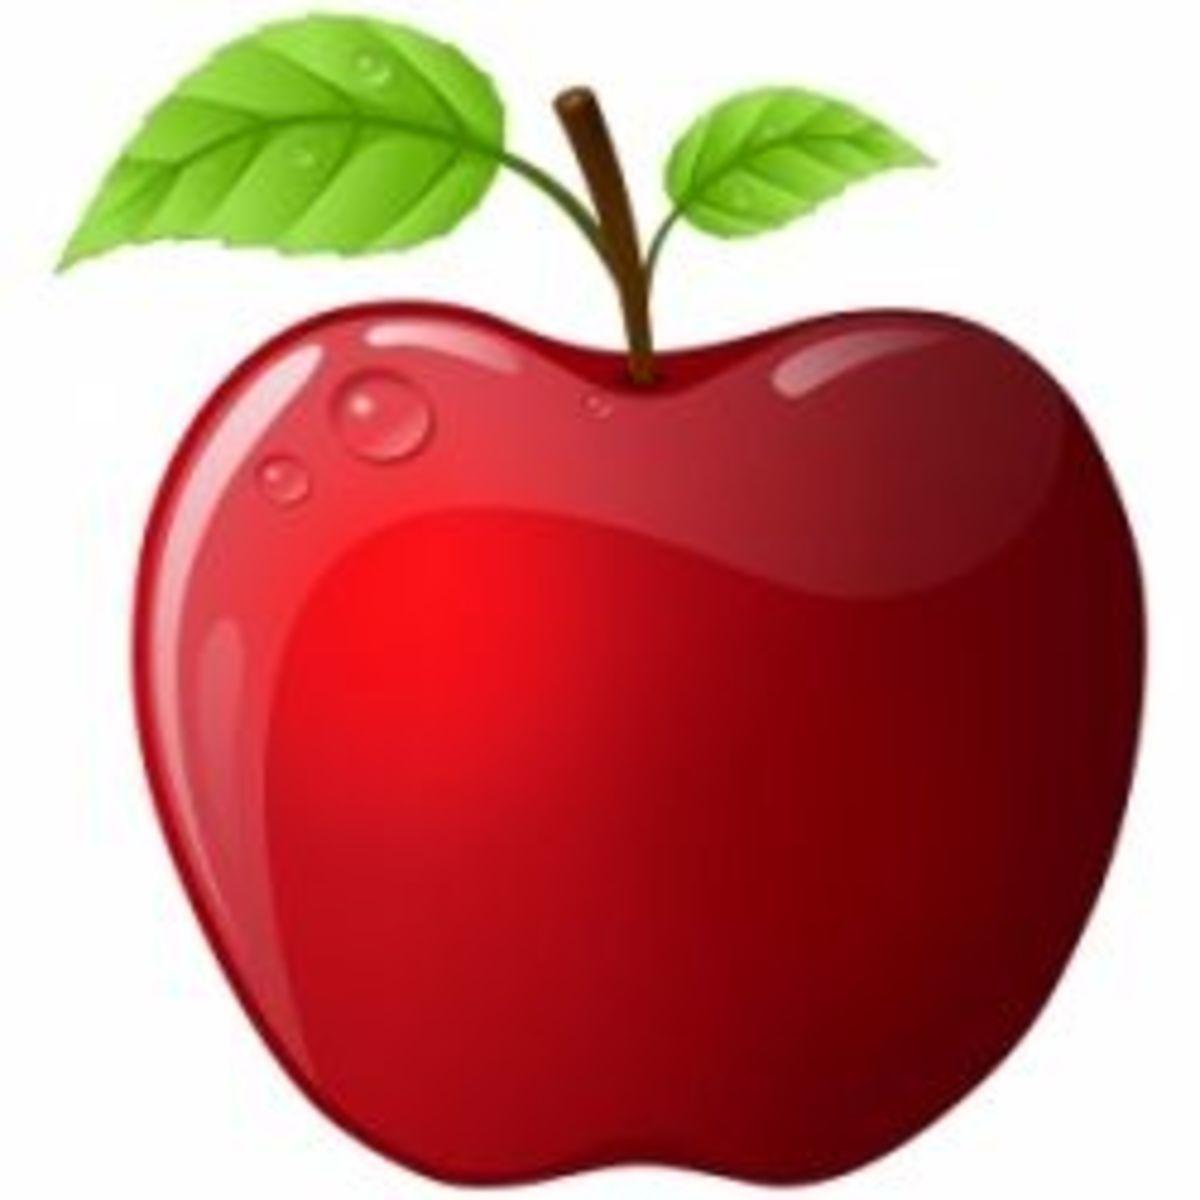 Halloween-apples